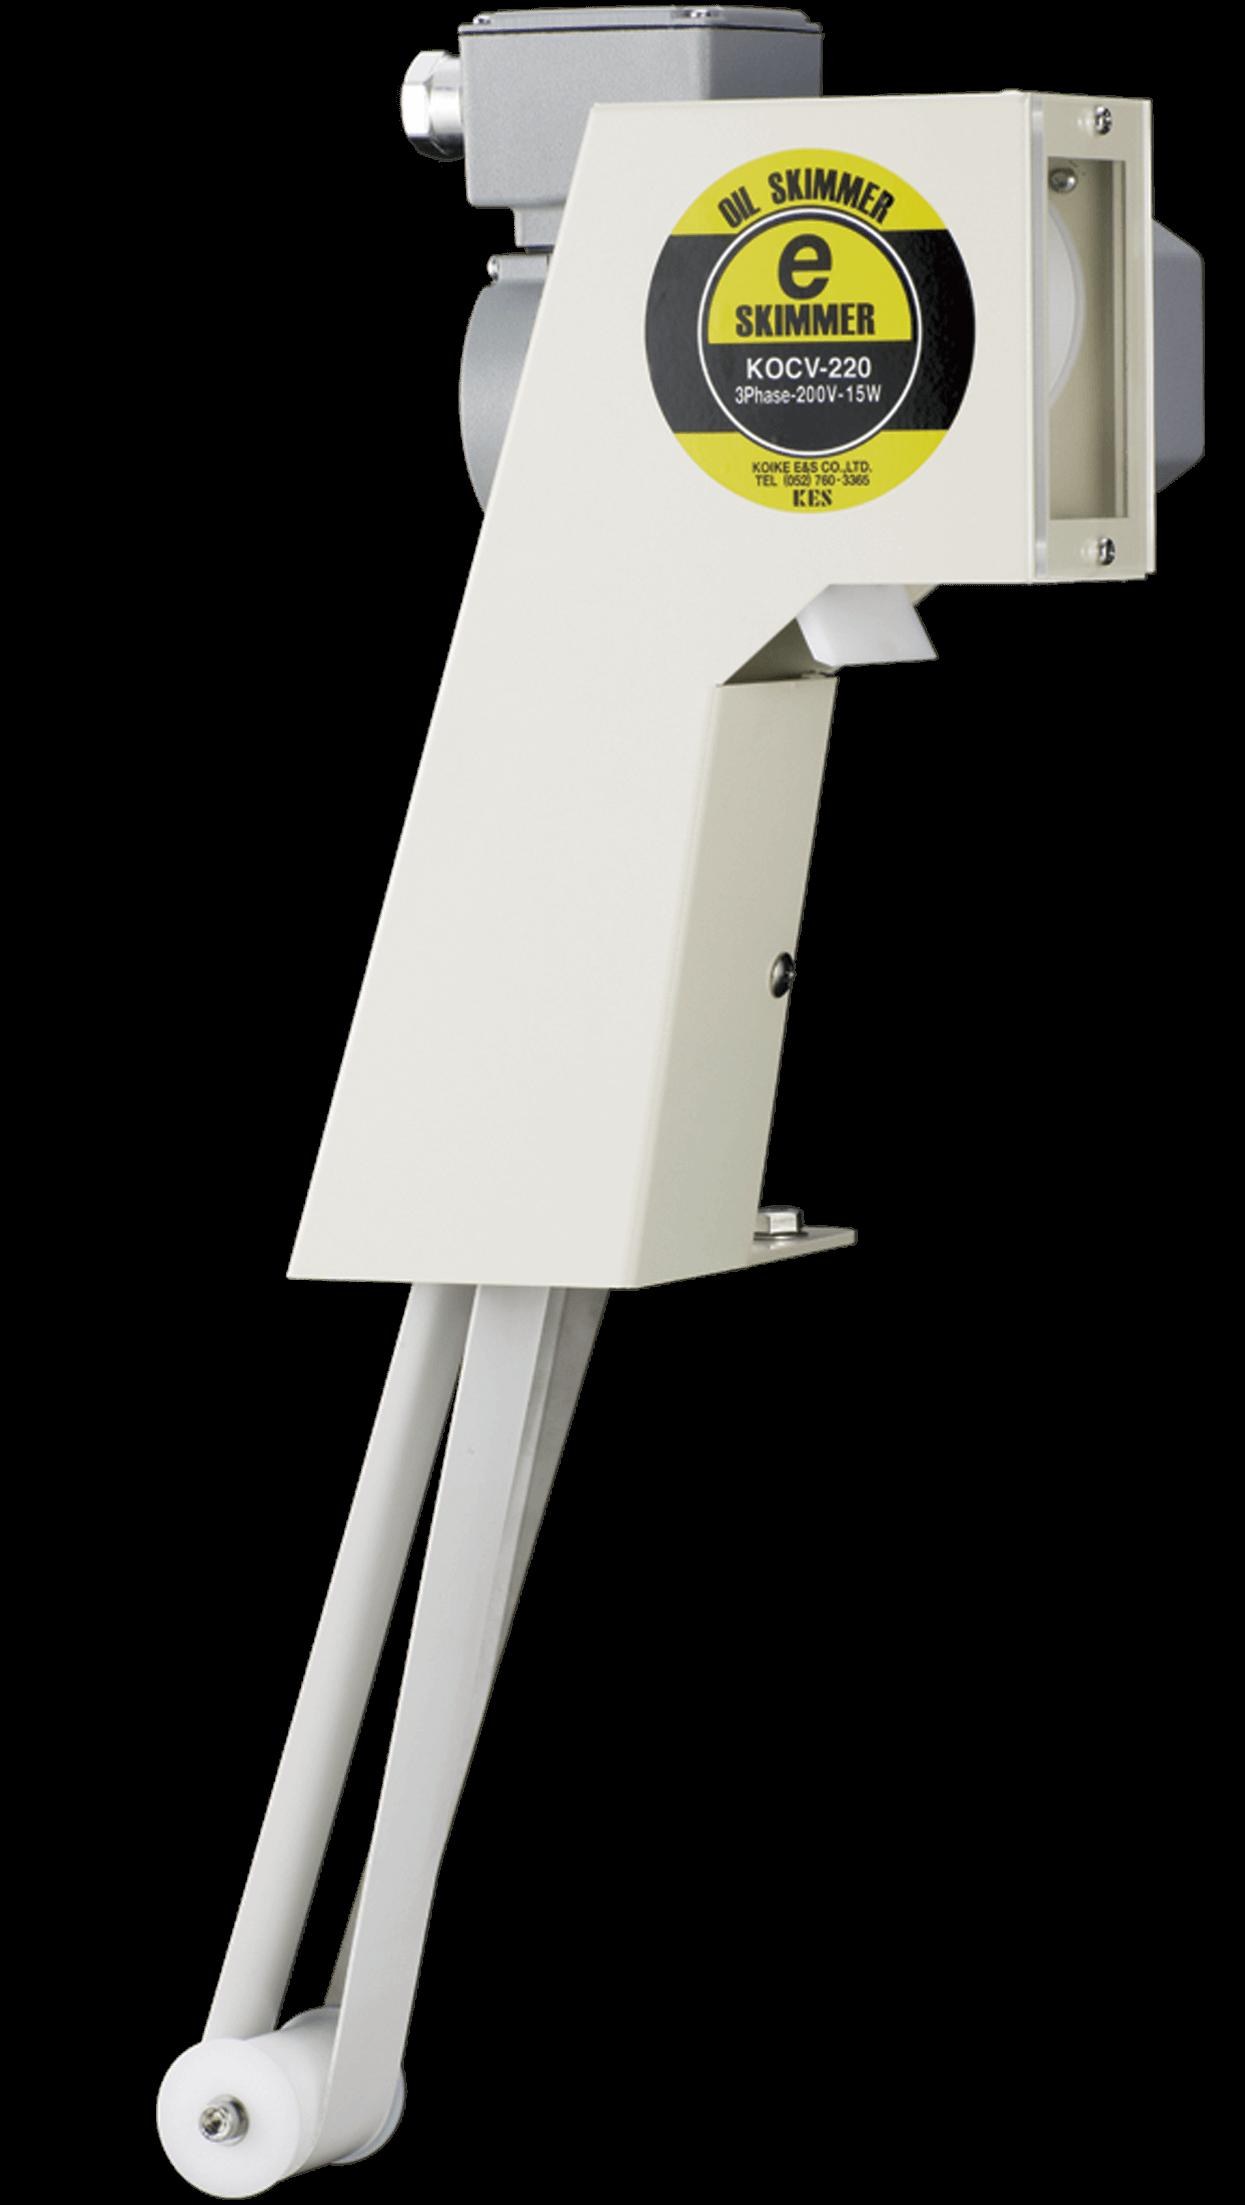 e-skimmer